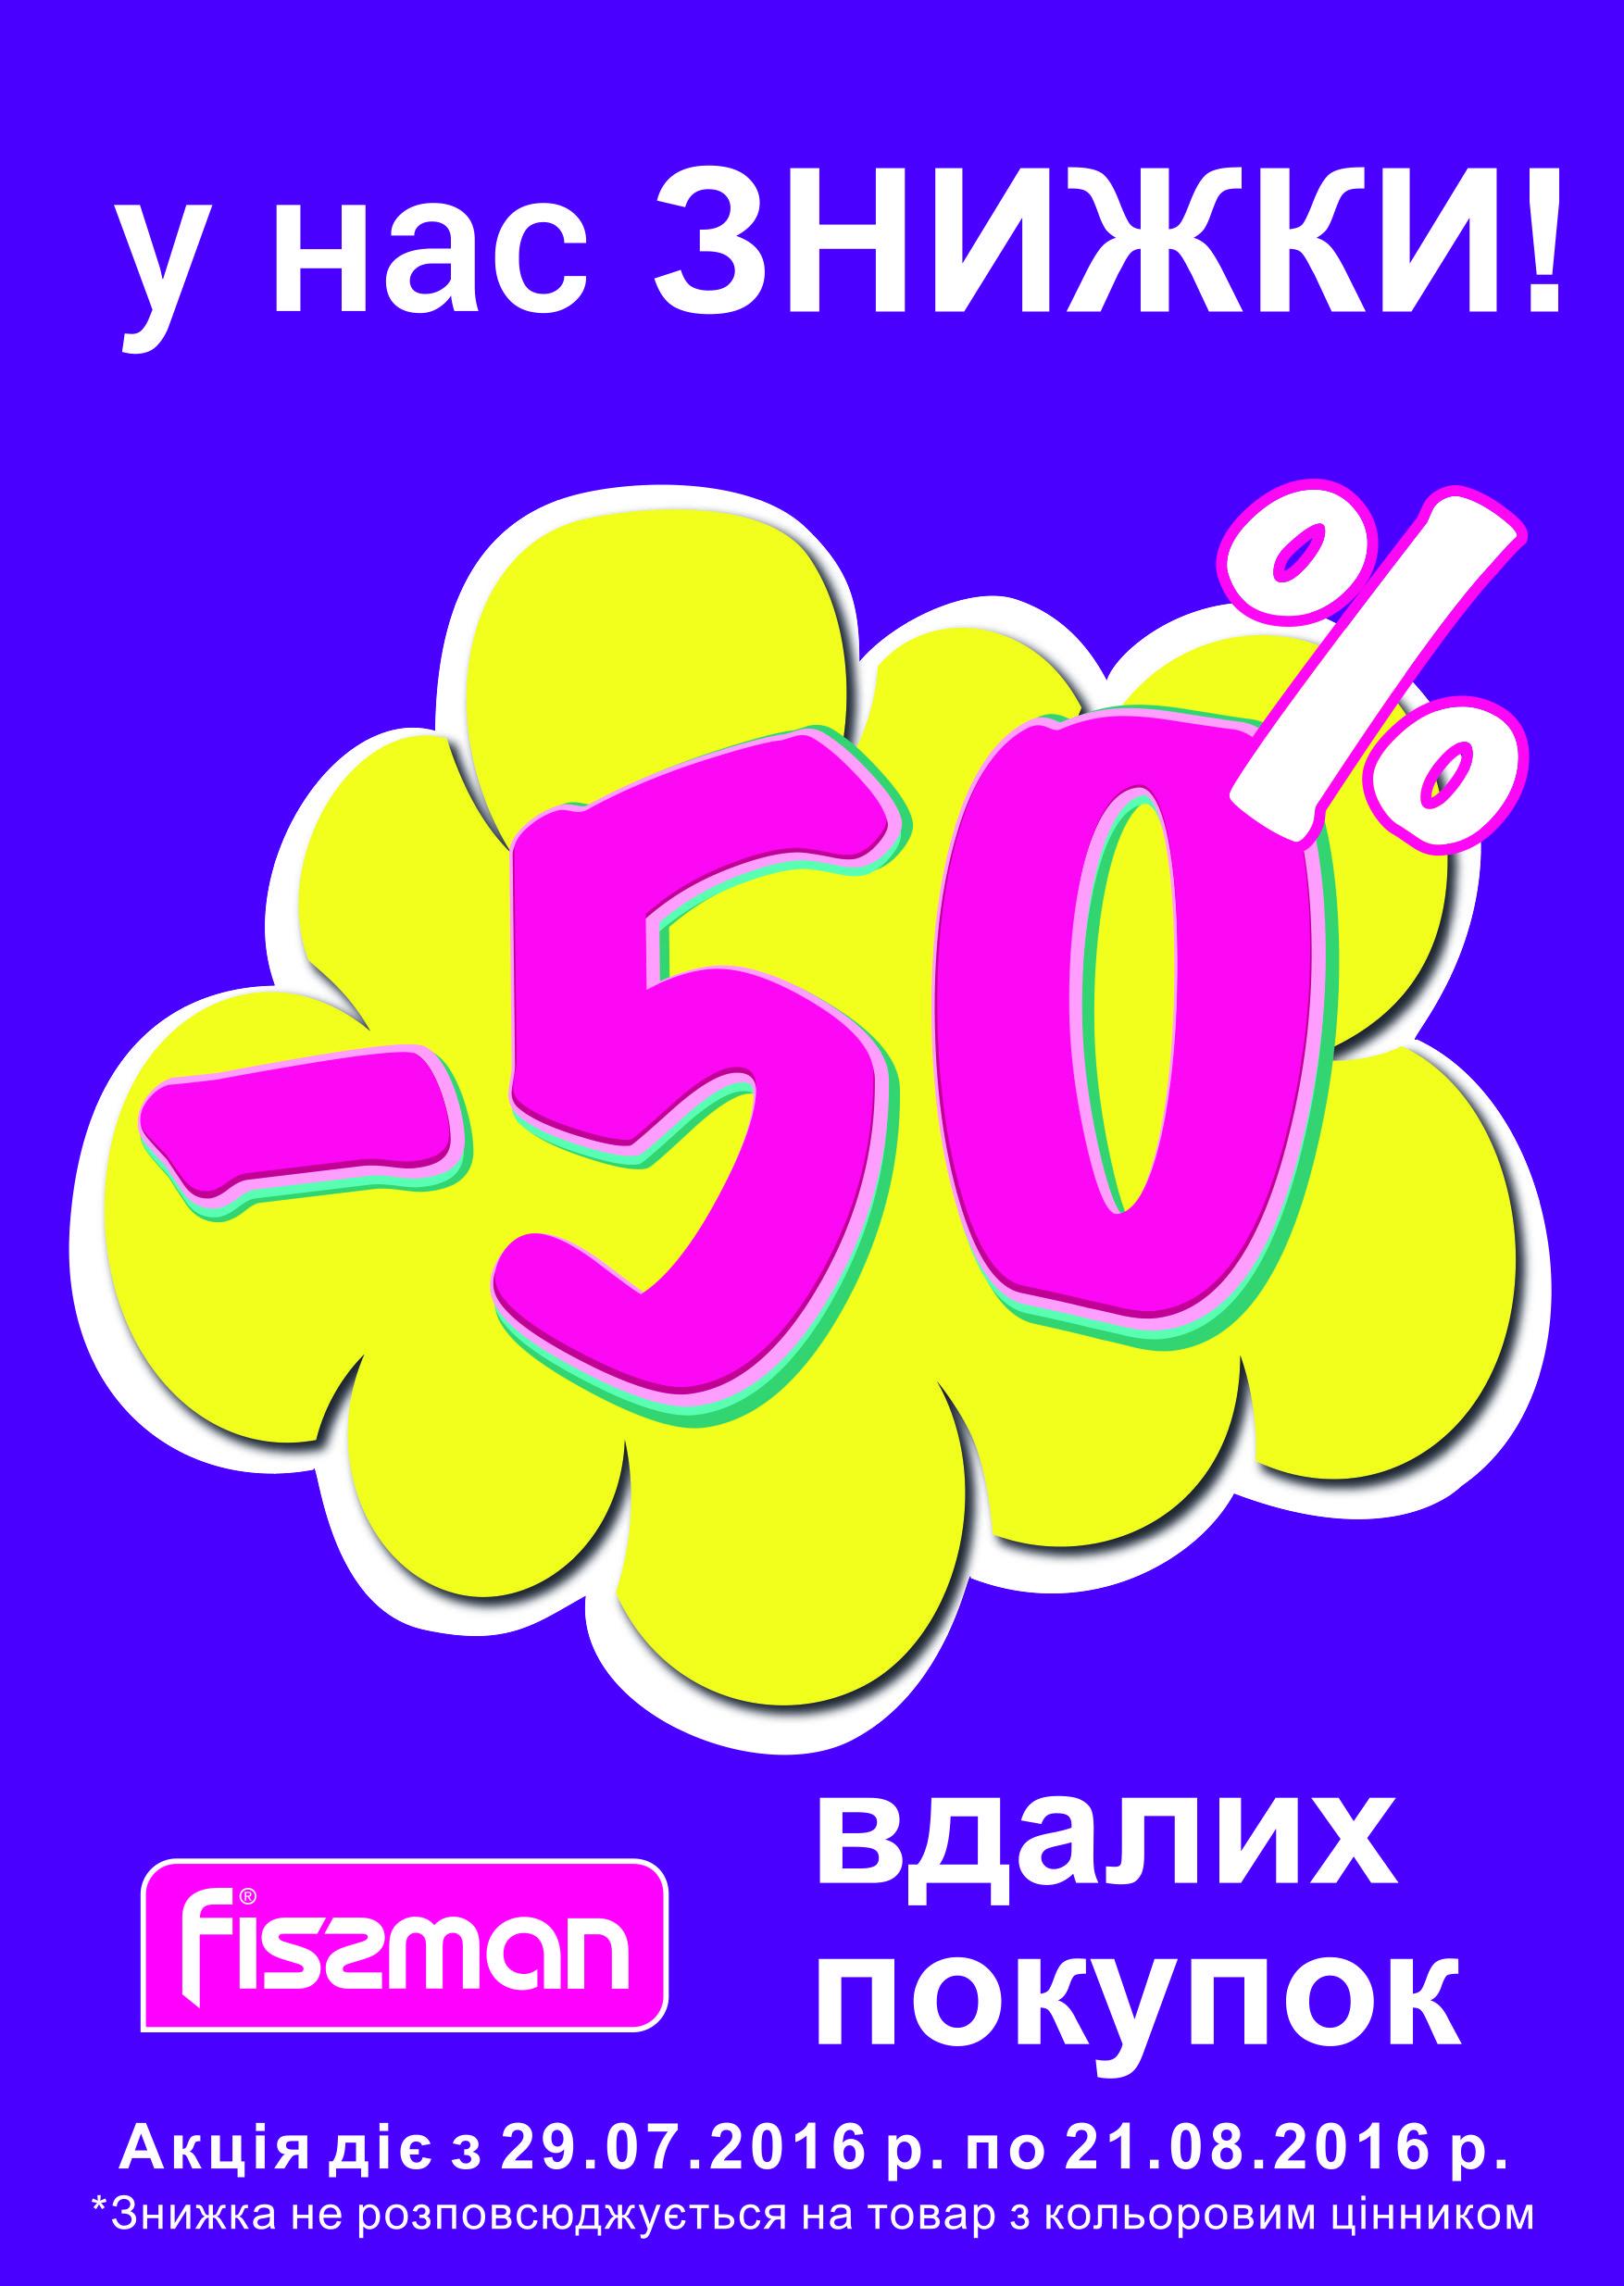 Вперше у fissman знижка -50% більше чим на 1000 позицій в період з 20 липня по 20 серпня